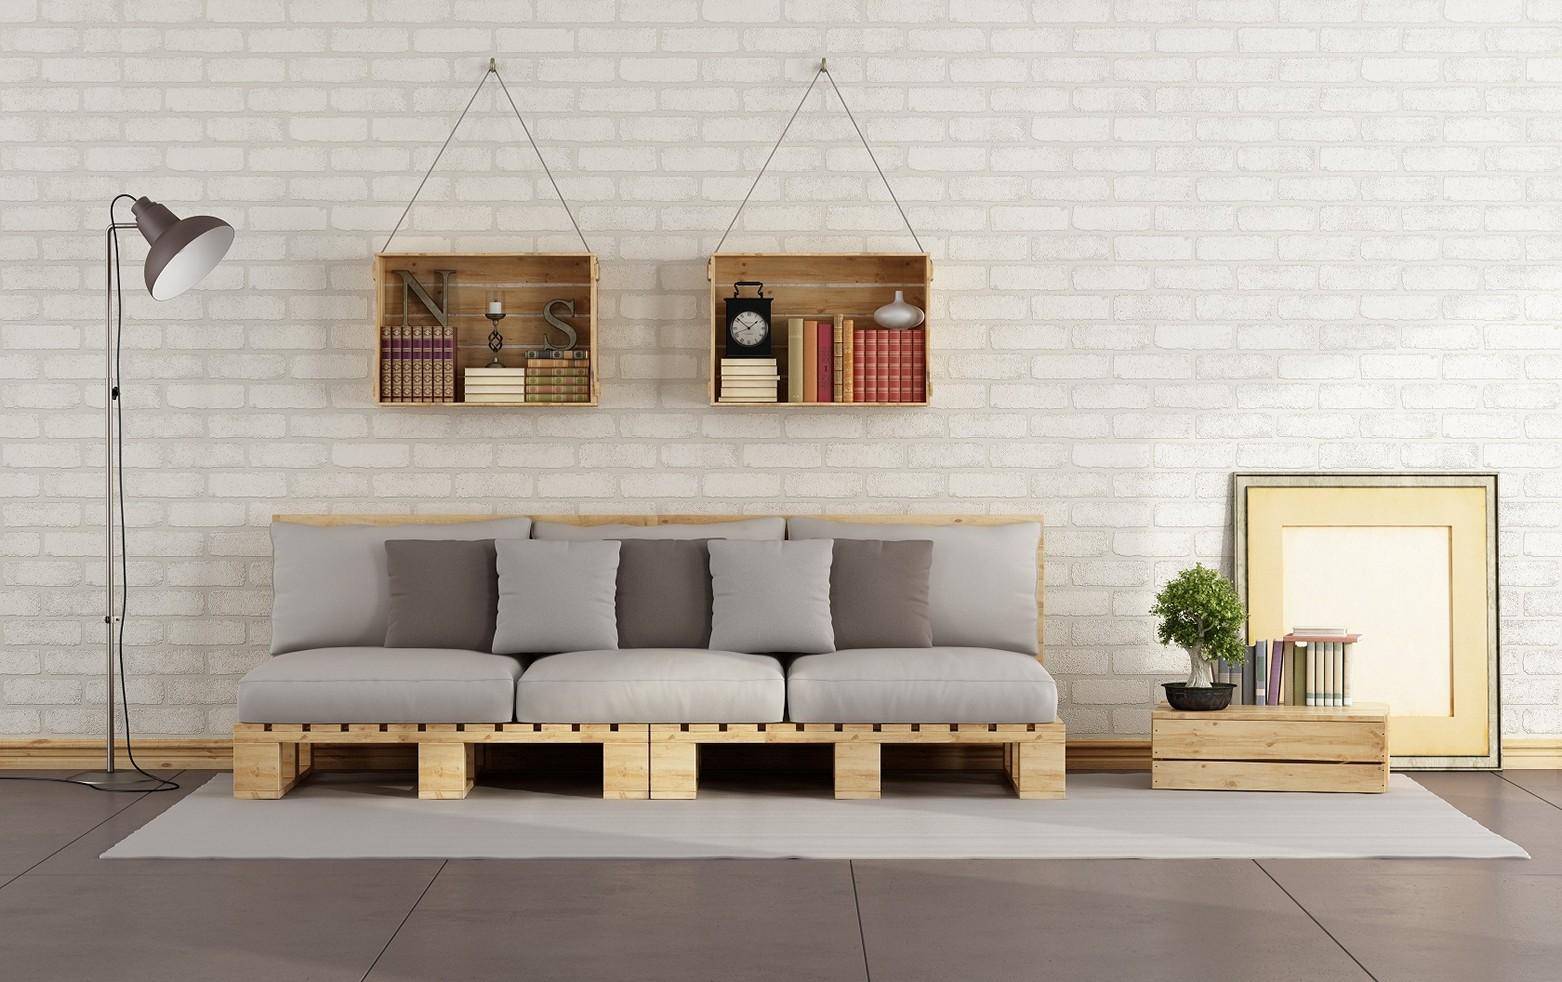 Hiasan Dalaman Paling Menarik Dengan Sofa Pallet